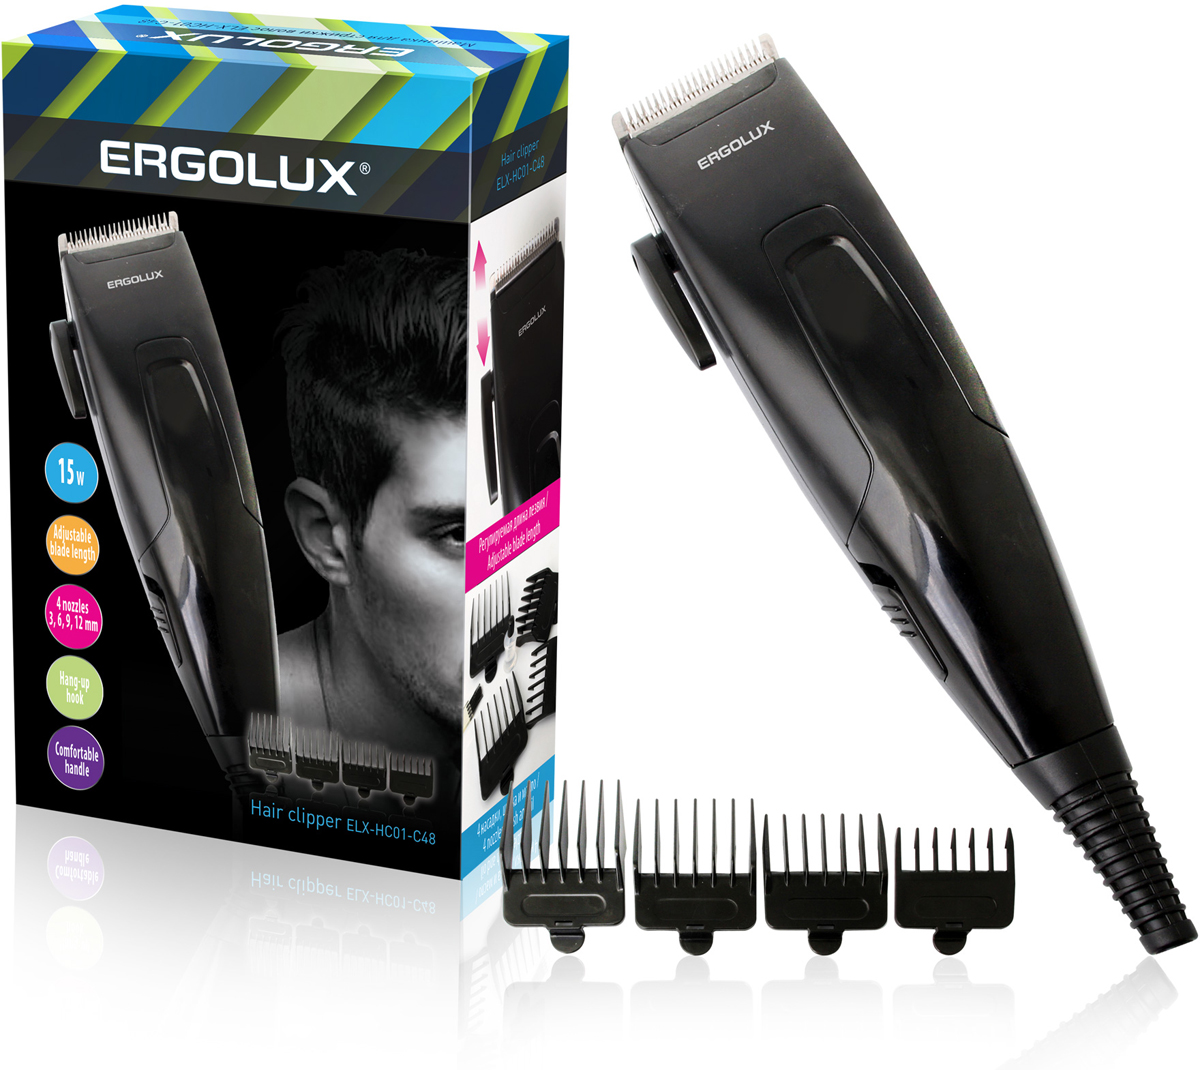 Ergolux ELX-HC01-C48, Black машинка для стрижки волосELX-HC01-C48Машинка для стрижки волос с регулируемой длиной лезвия и удобной рукояткой. Имеет петлю для подвеса. В комплекте: 4 насадки для разной длины волос 3, 6, 9, 12 мм, щетка для чистки, смазочное масло.